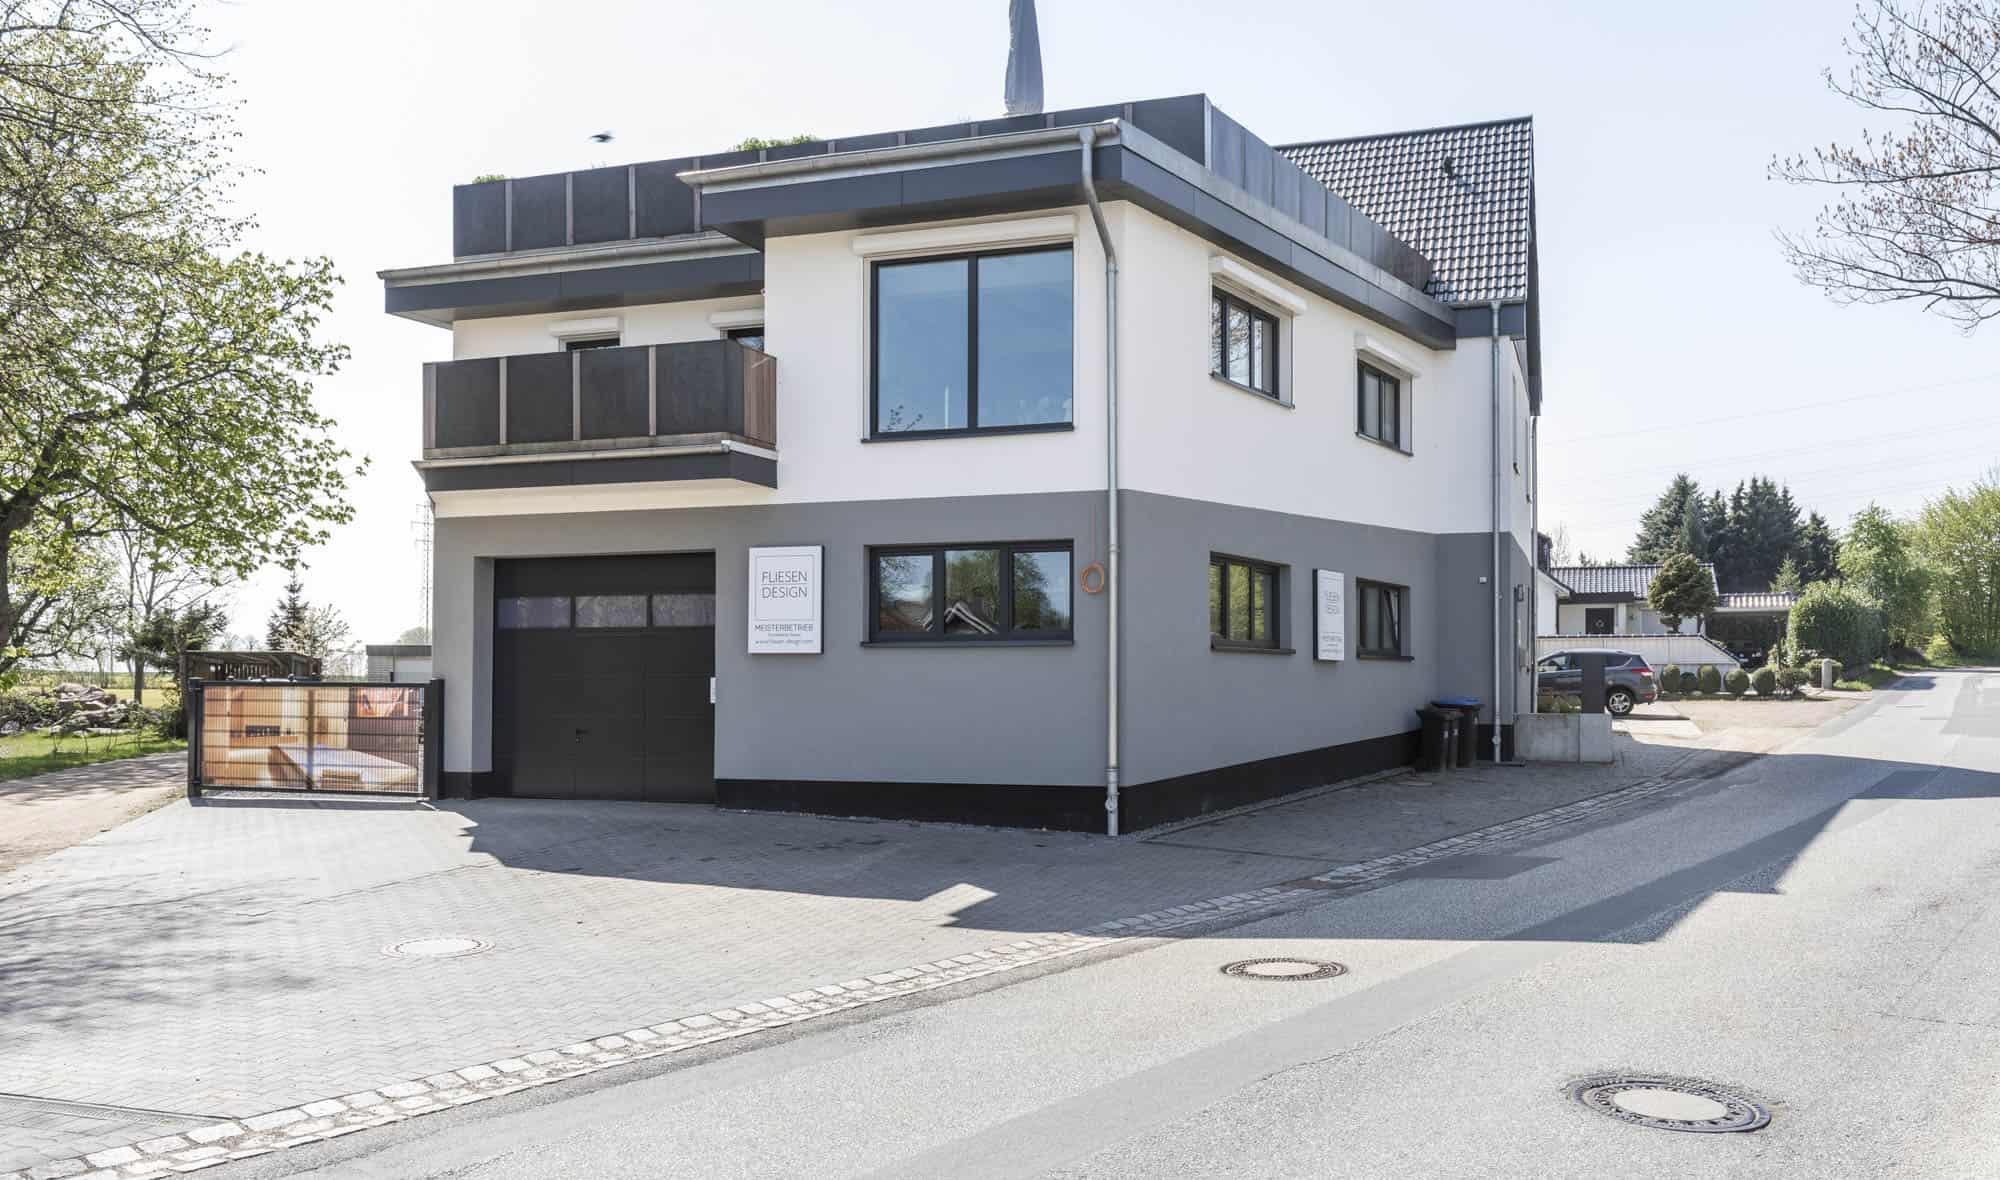 Fliesen Design Fliesenleger und Fliesen Handel in der Region Lübeck